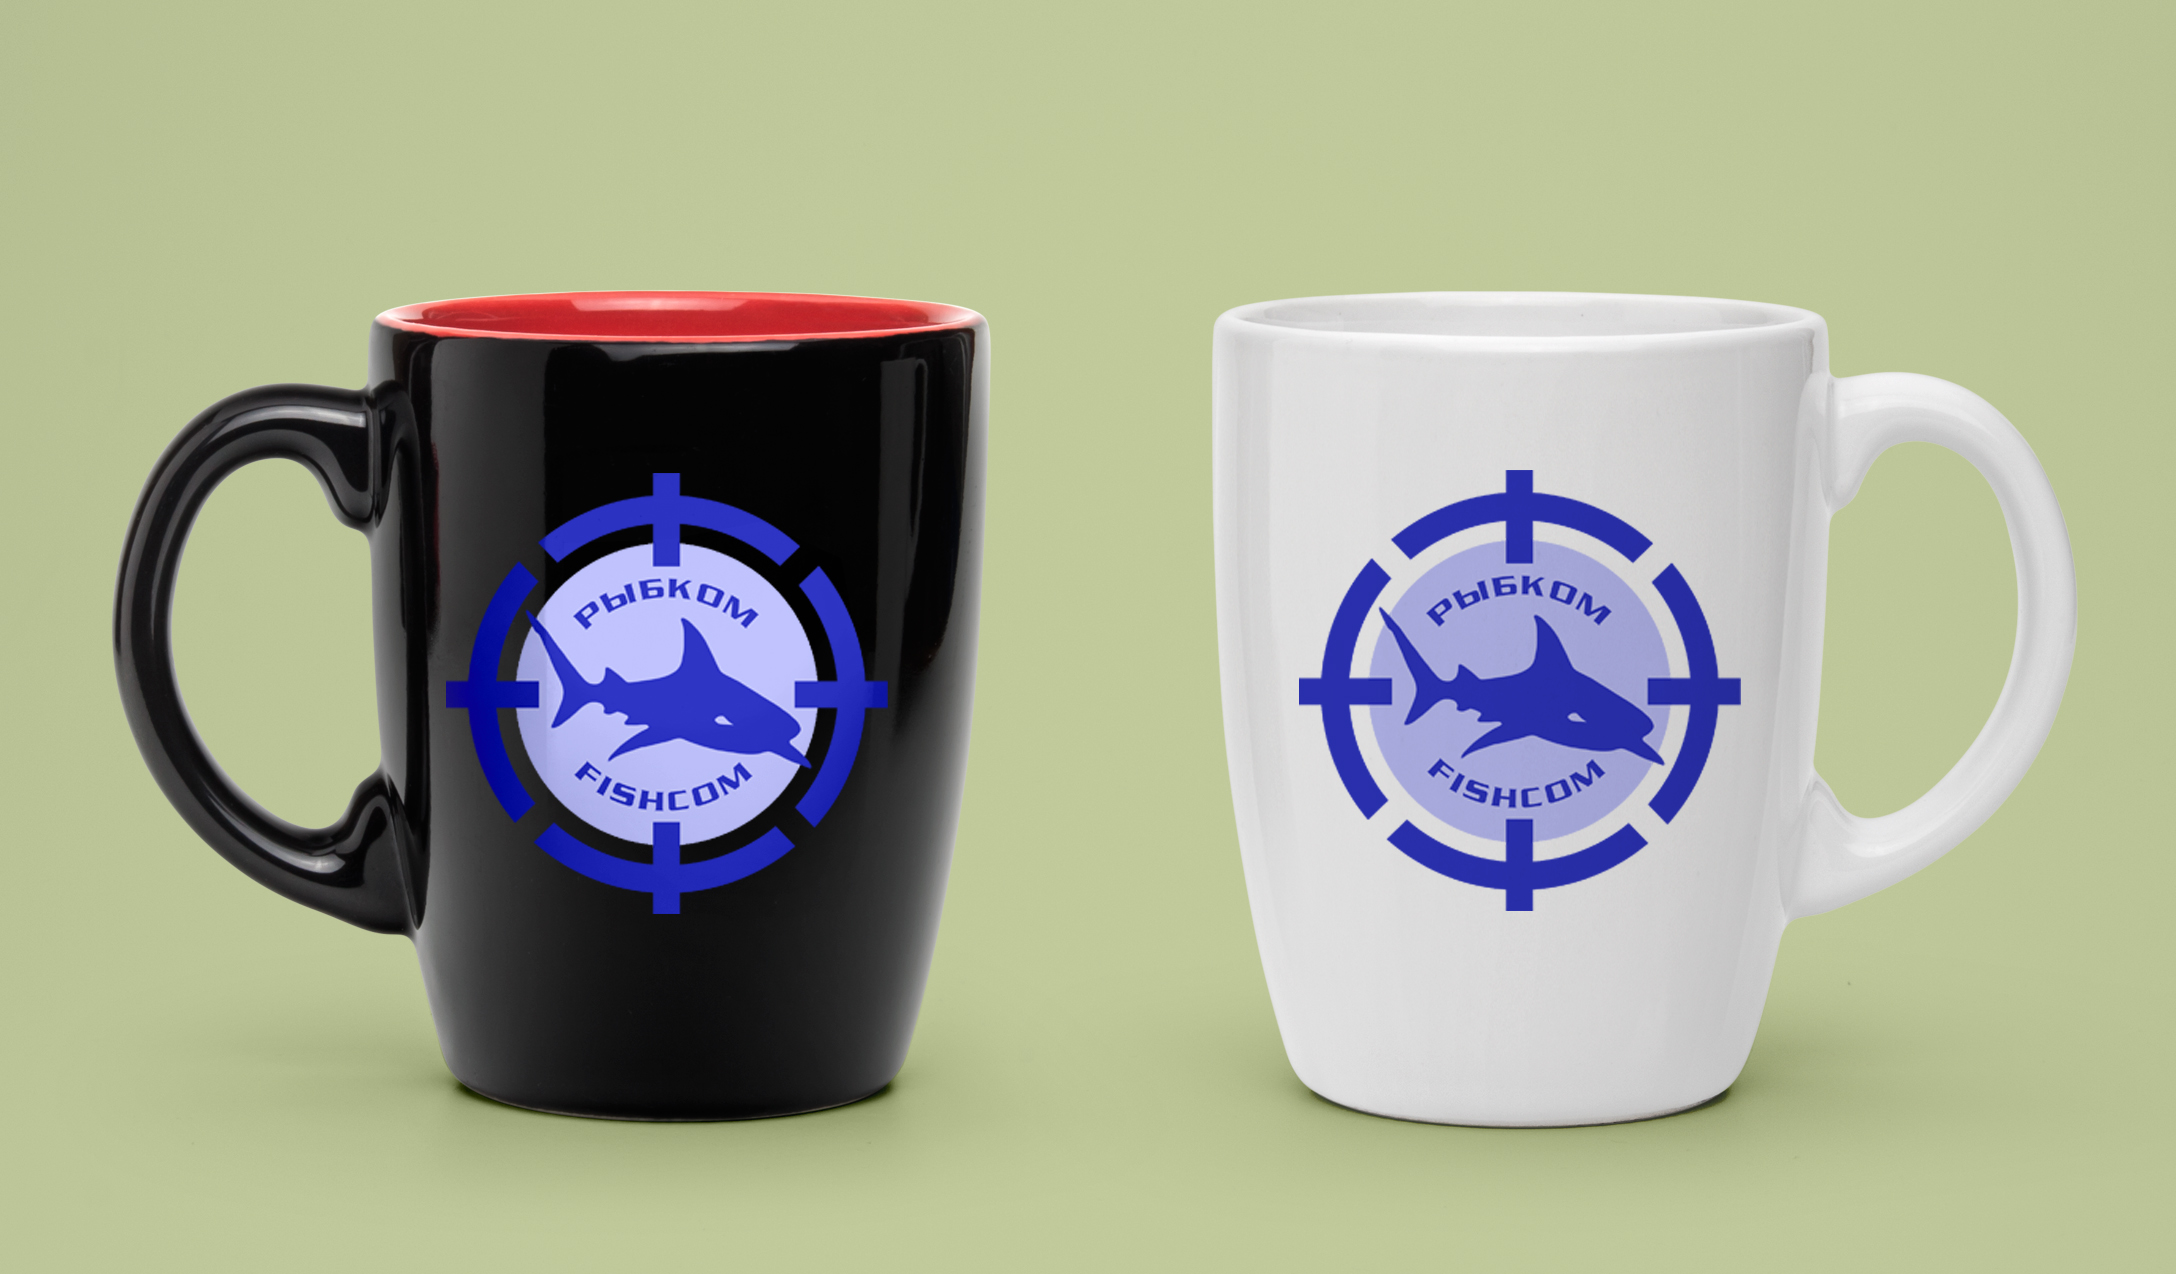 Создание логотипа и брэндбука для компании РЫБКОМ фото f_1625c12c8e6c951c.jpg